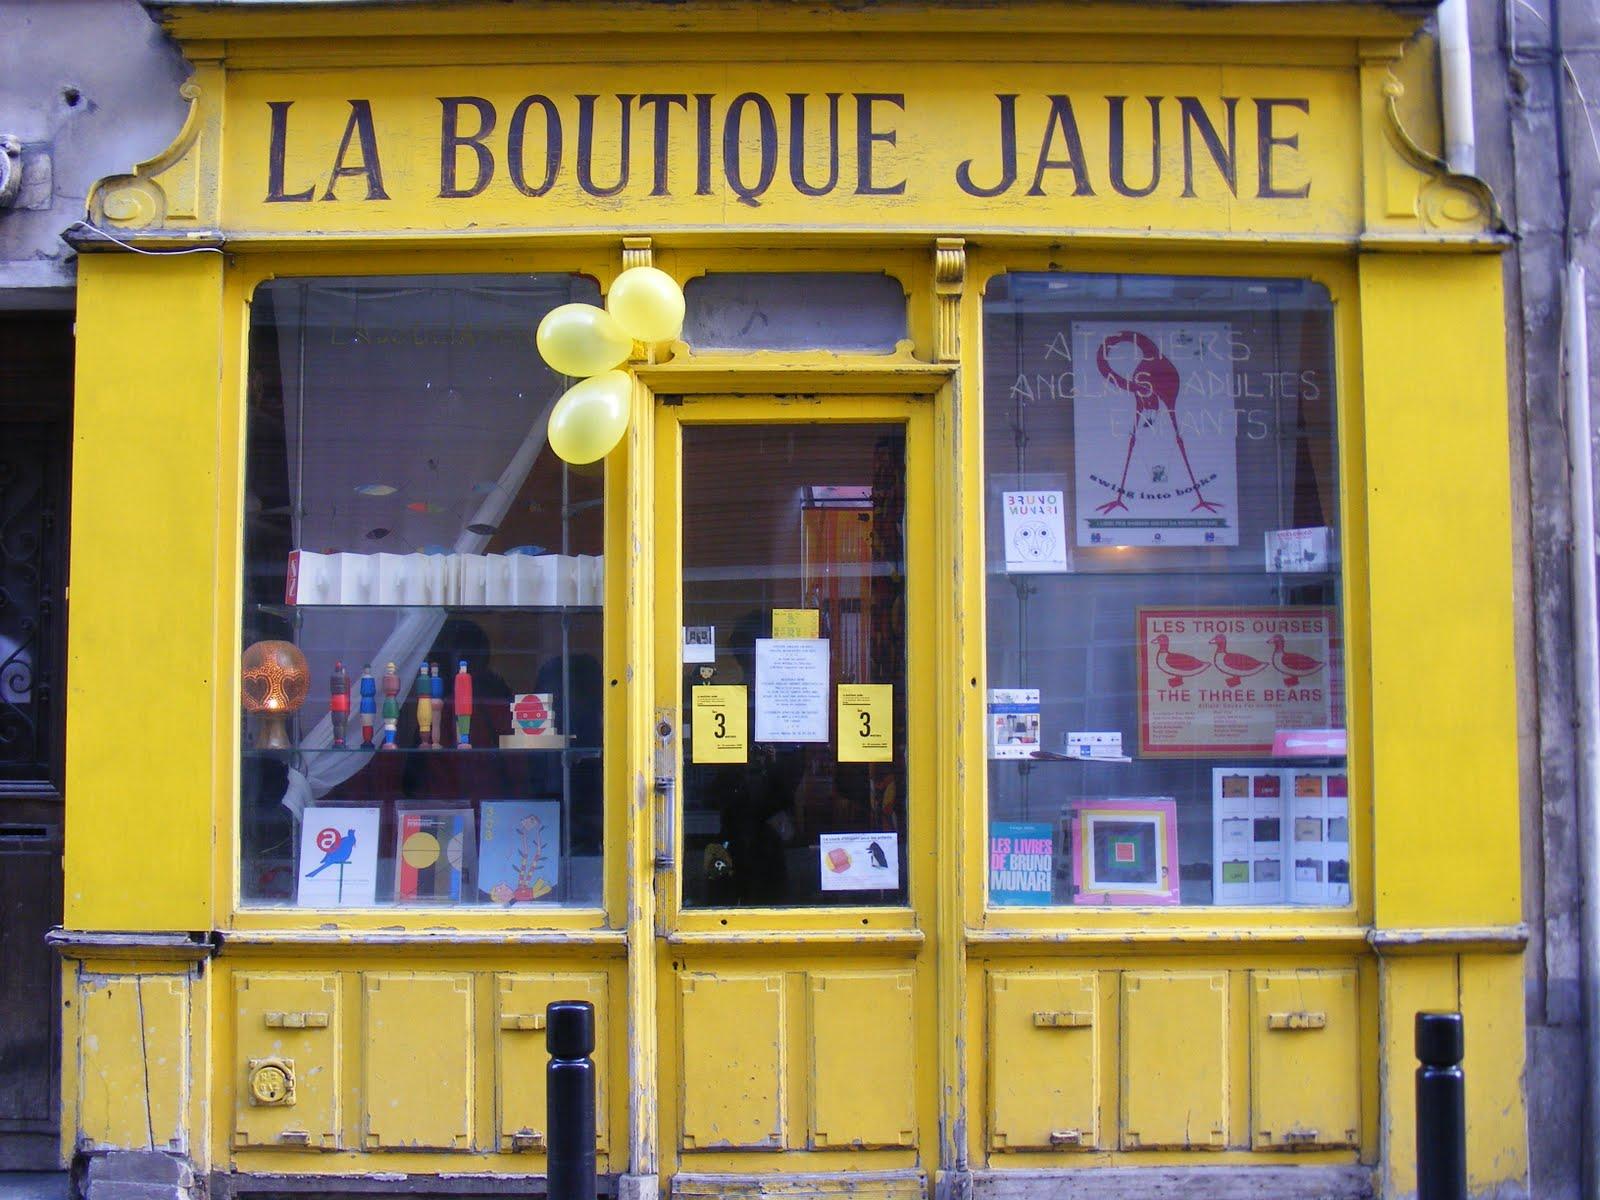 La boutique jaune la p che monnaie locale citoyenne d 39 ile de france - La redoute adresse magasin paris ...